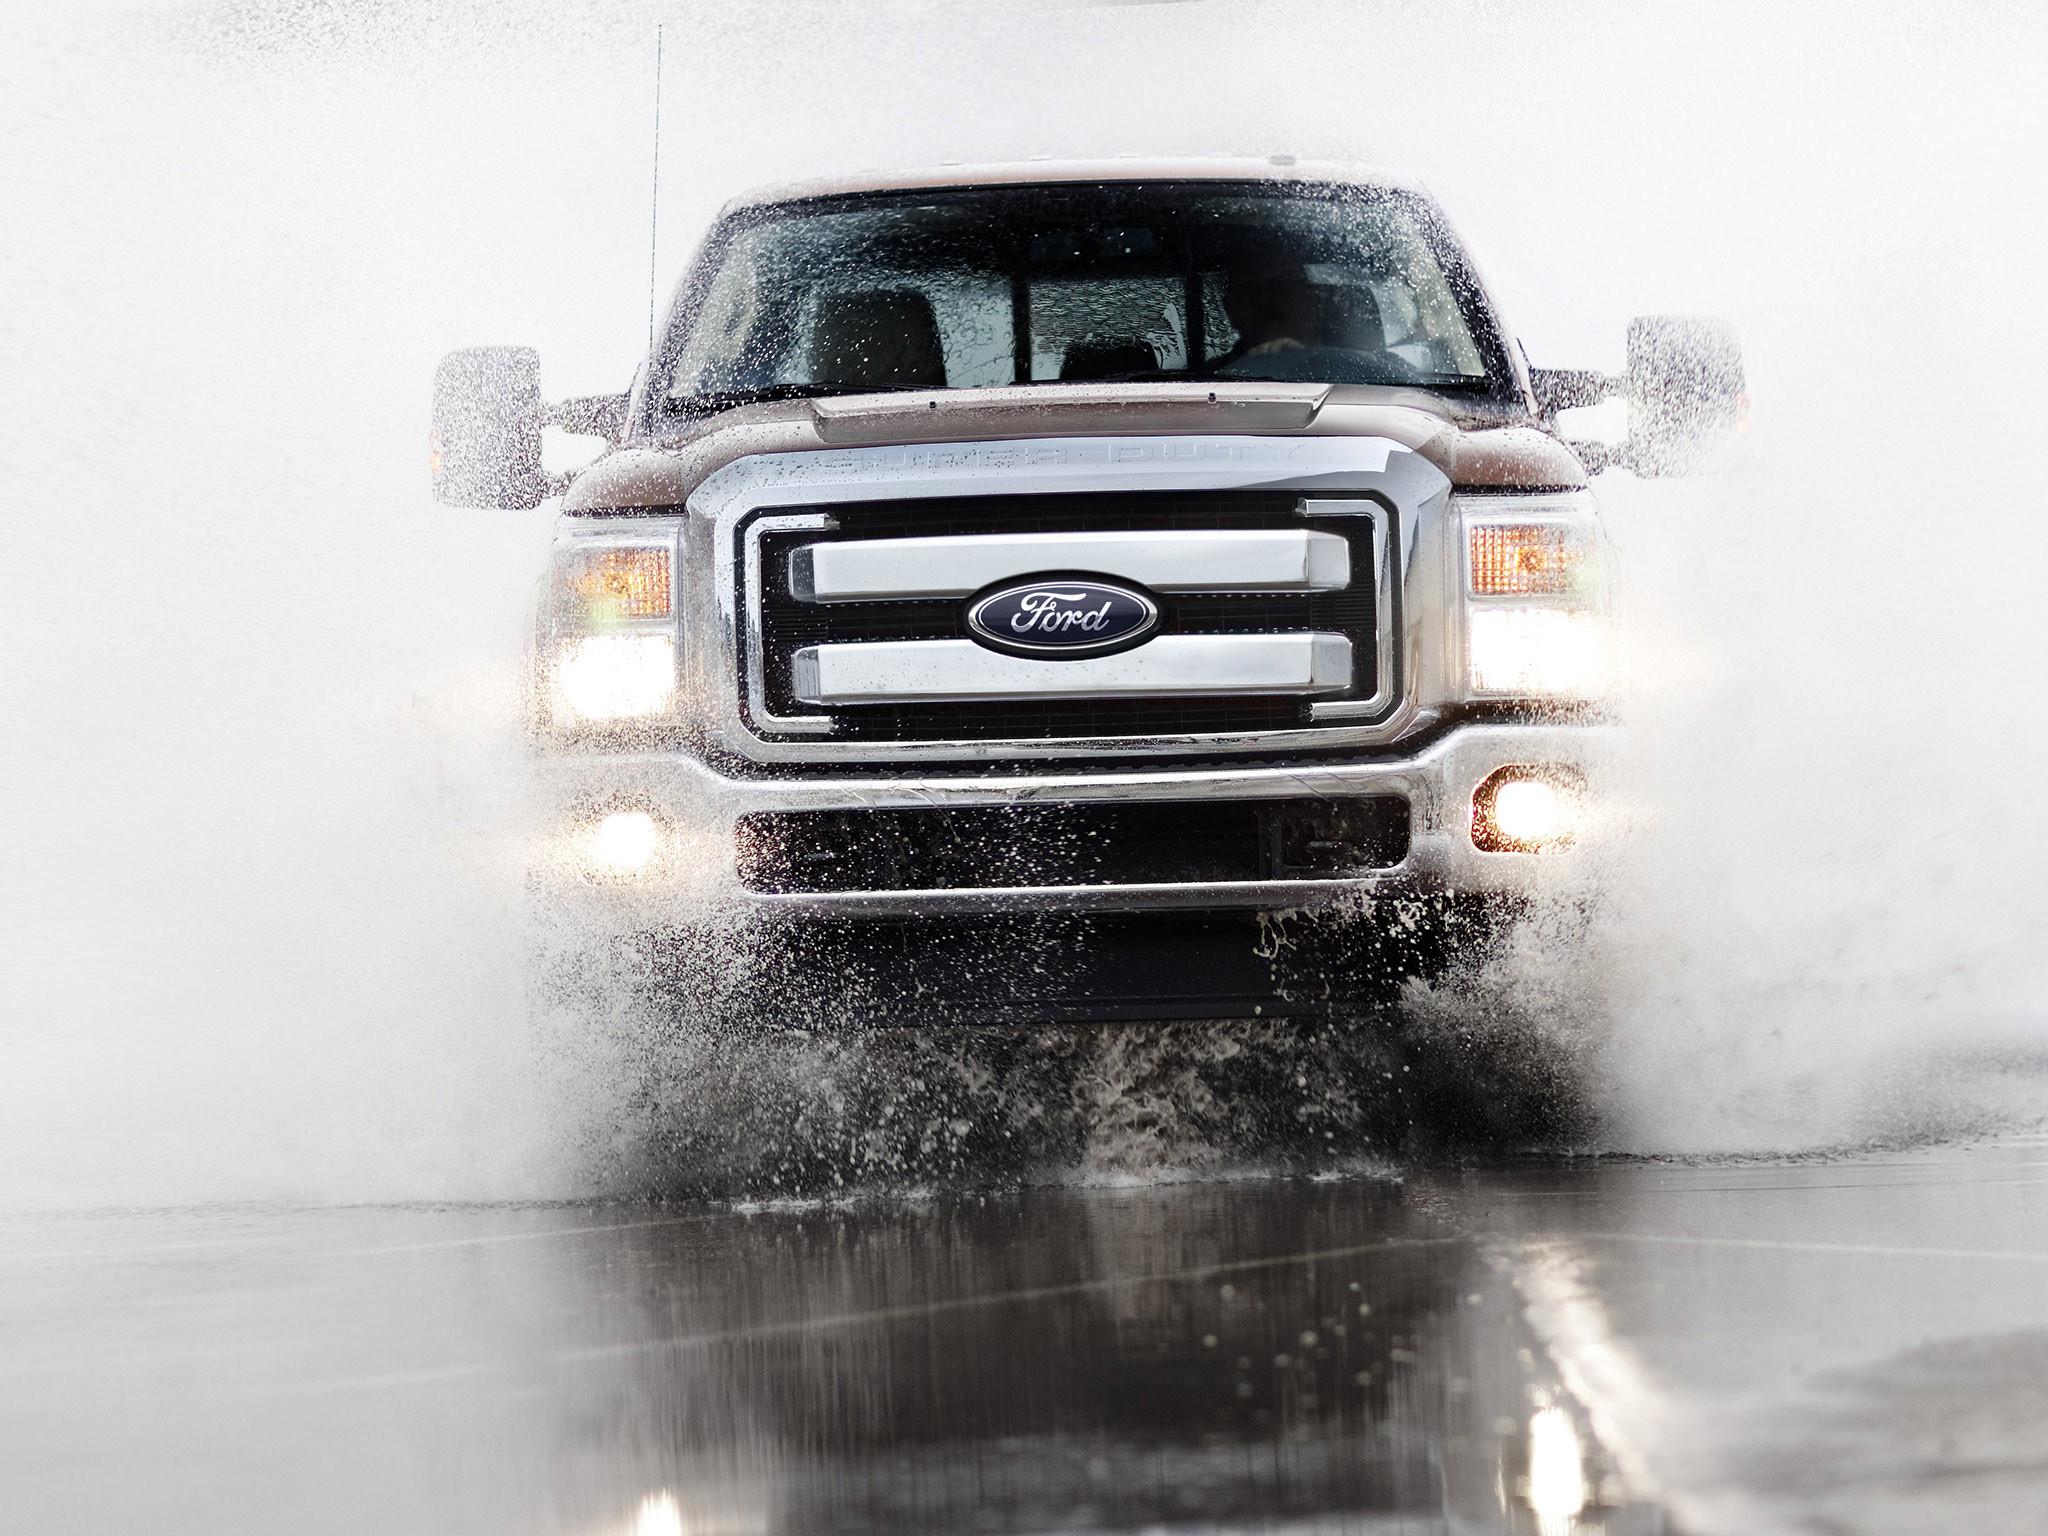 Ford F250 Wallpaper